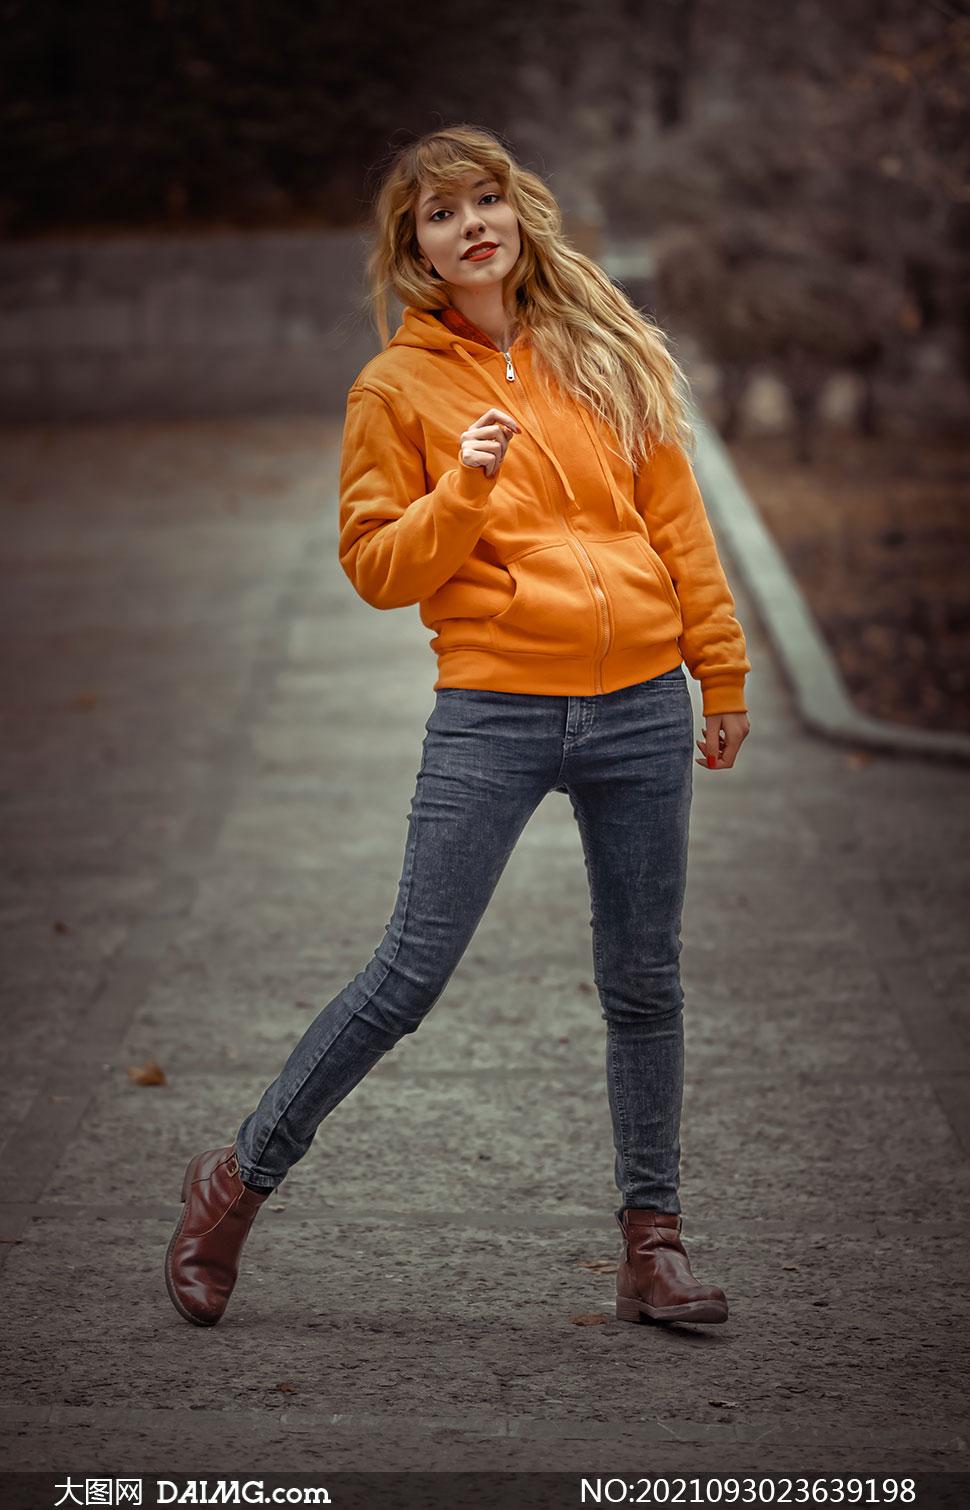 卫衣牛仔裤装扮的美女摄影高清图片